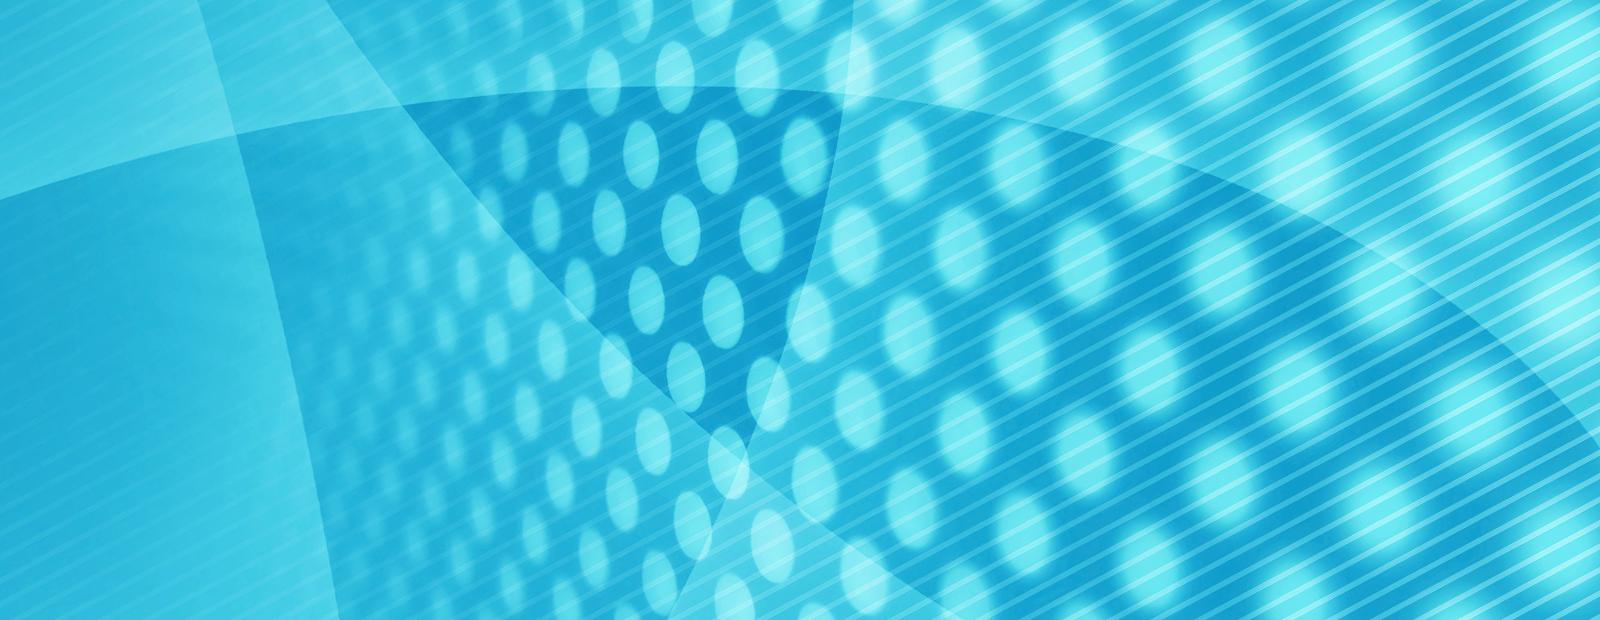 Aquivion-PFSA-dispersions-abstract